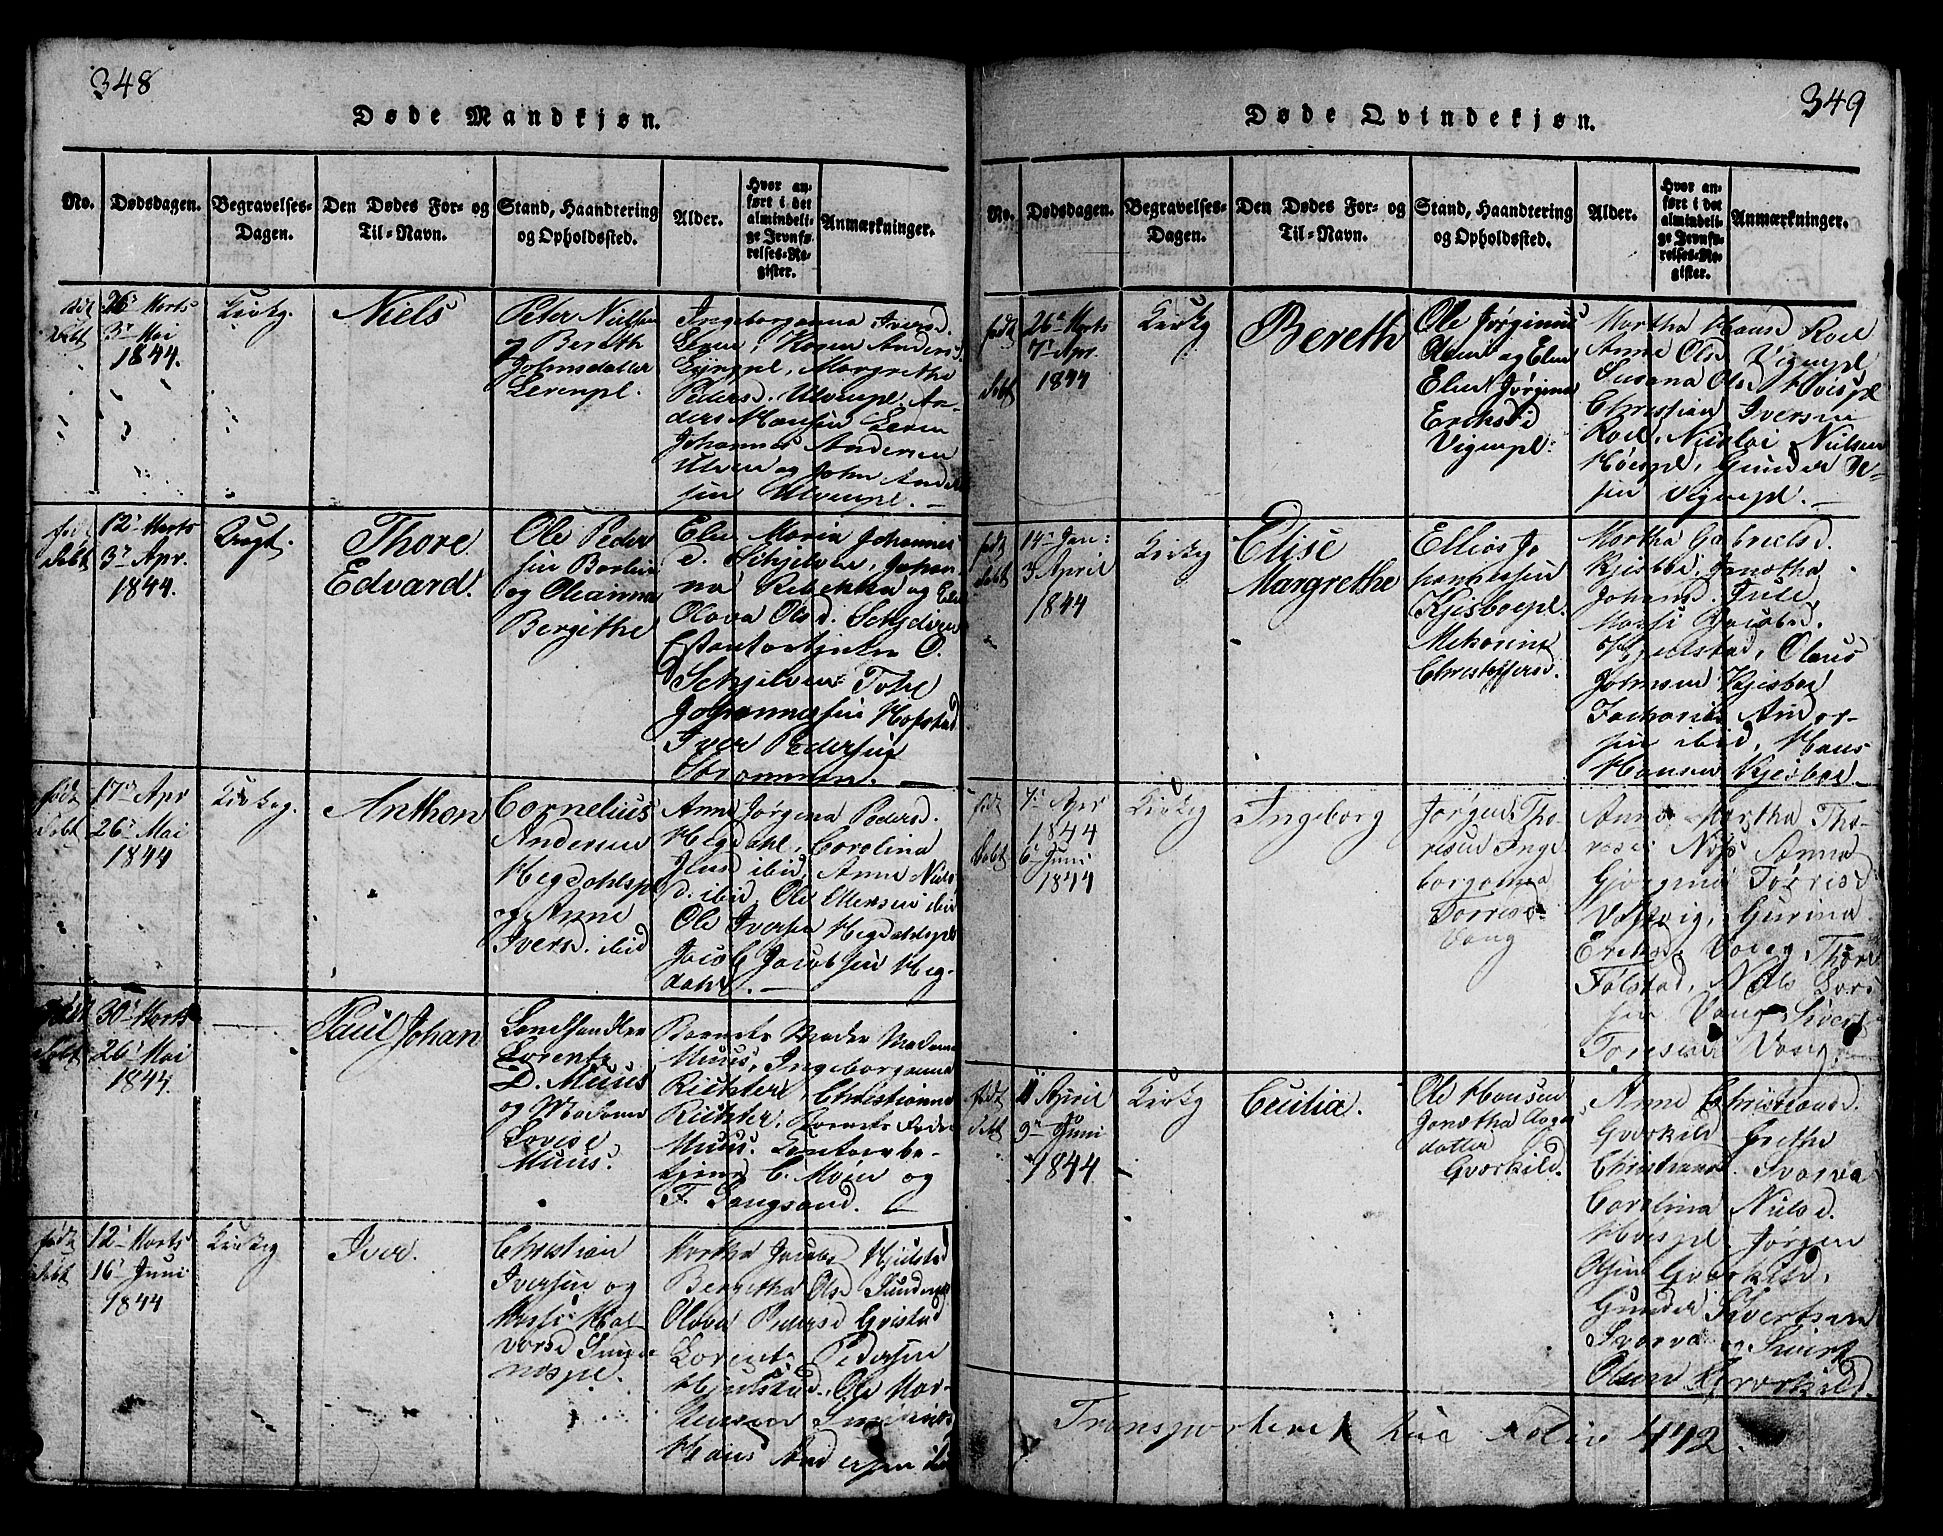 SAT, Ministerialprotokoller, klokkerbøker og fødselsregistre - Nord-Trøndelag, 730/L0298: Klokkerbok nr. 730C01, 1816-1849, s. 348-349